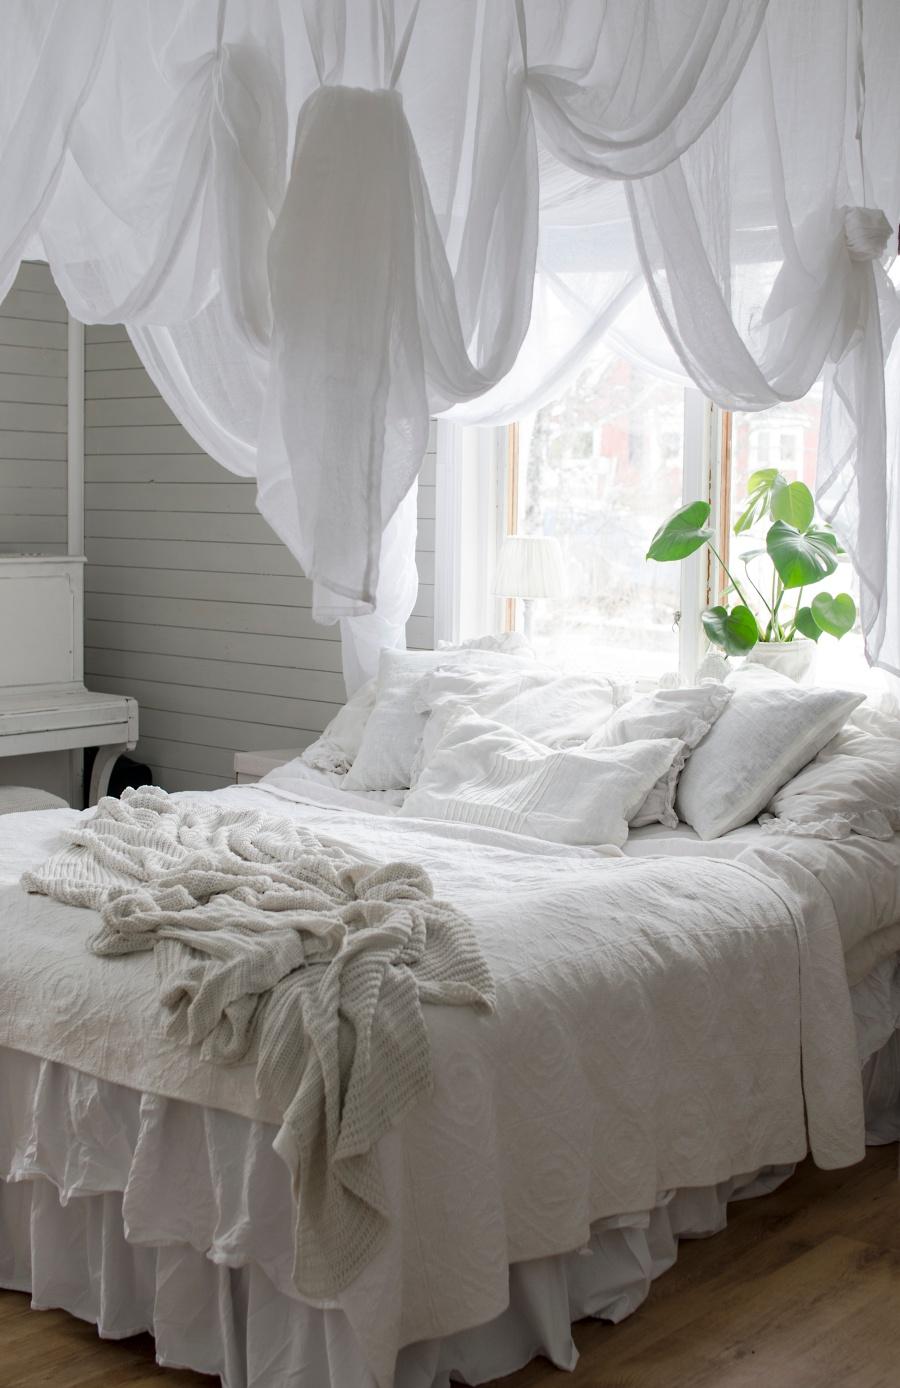 sovrum, inredning, sänghimmel ellos, piano i sovrummet, kalklitir, san sacraria